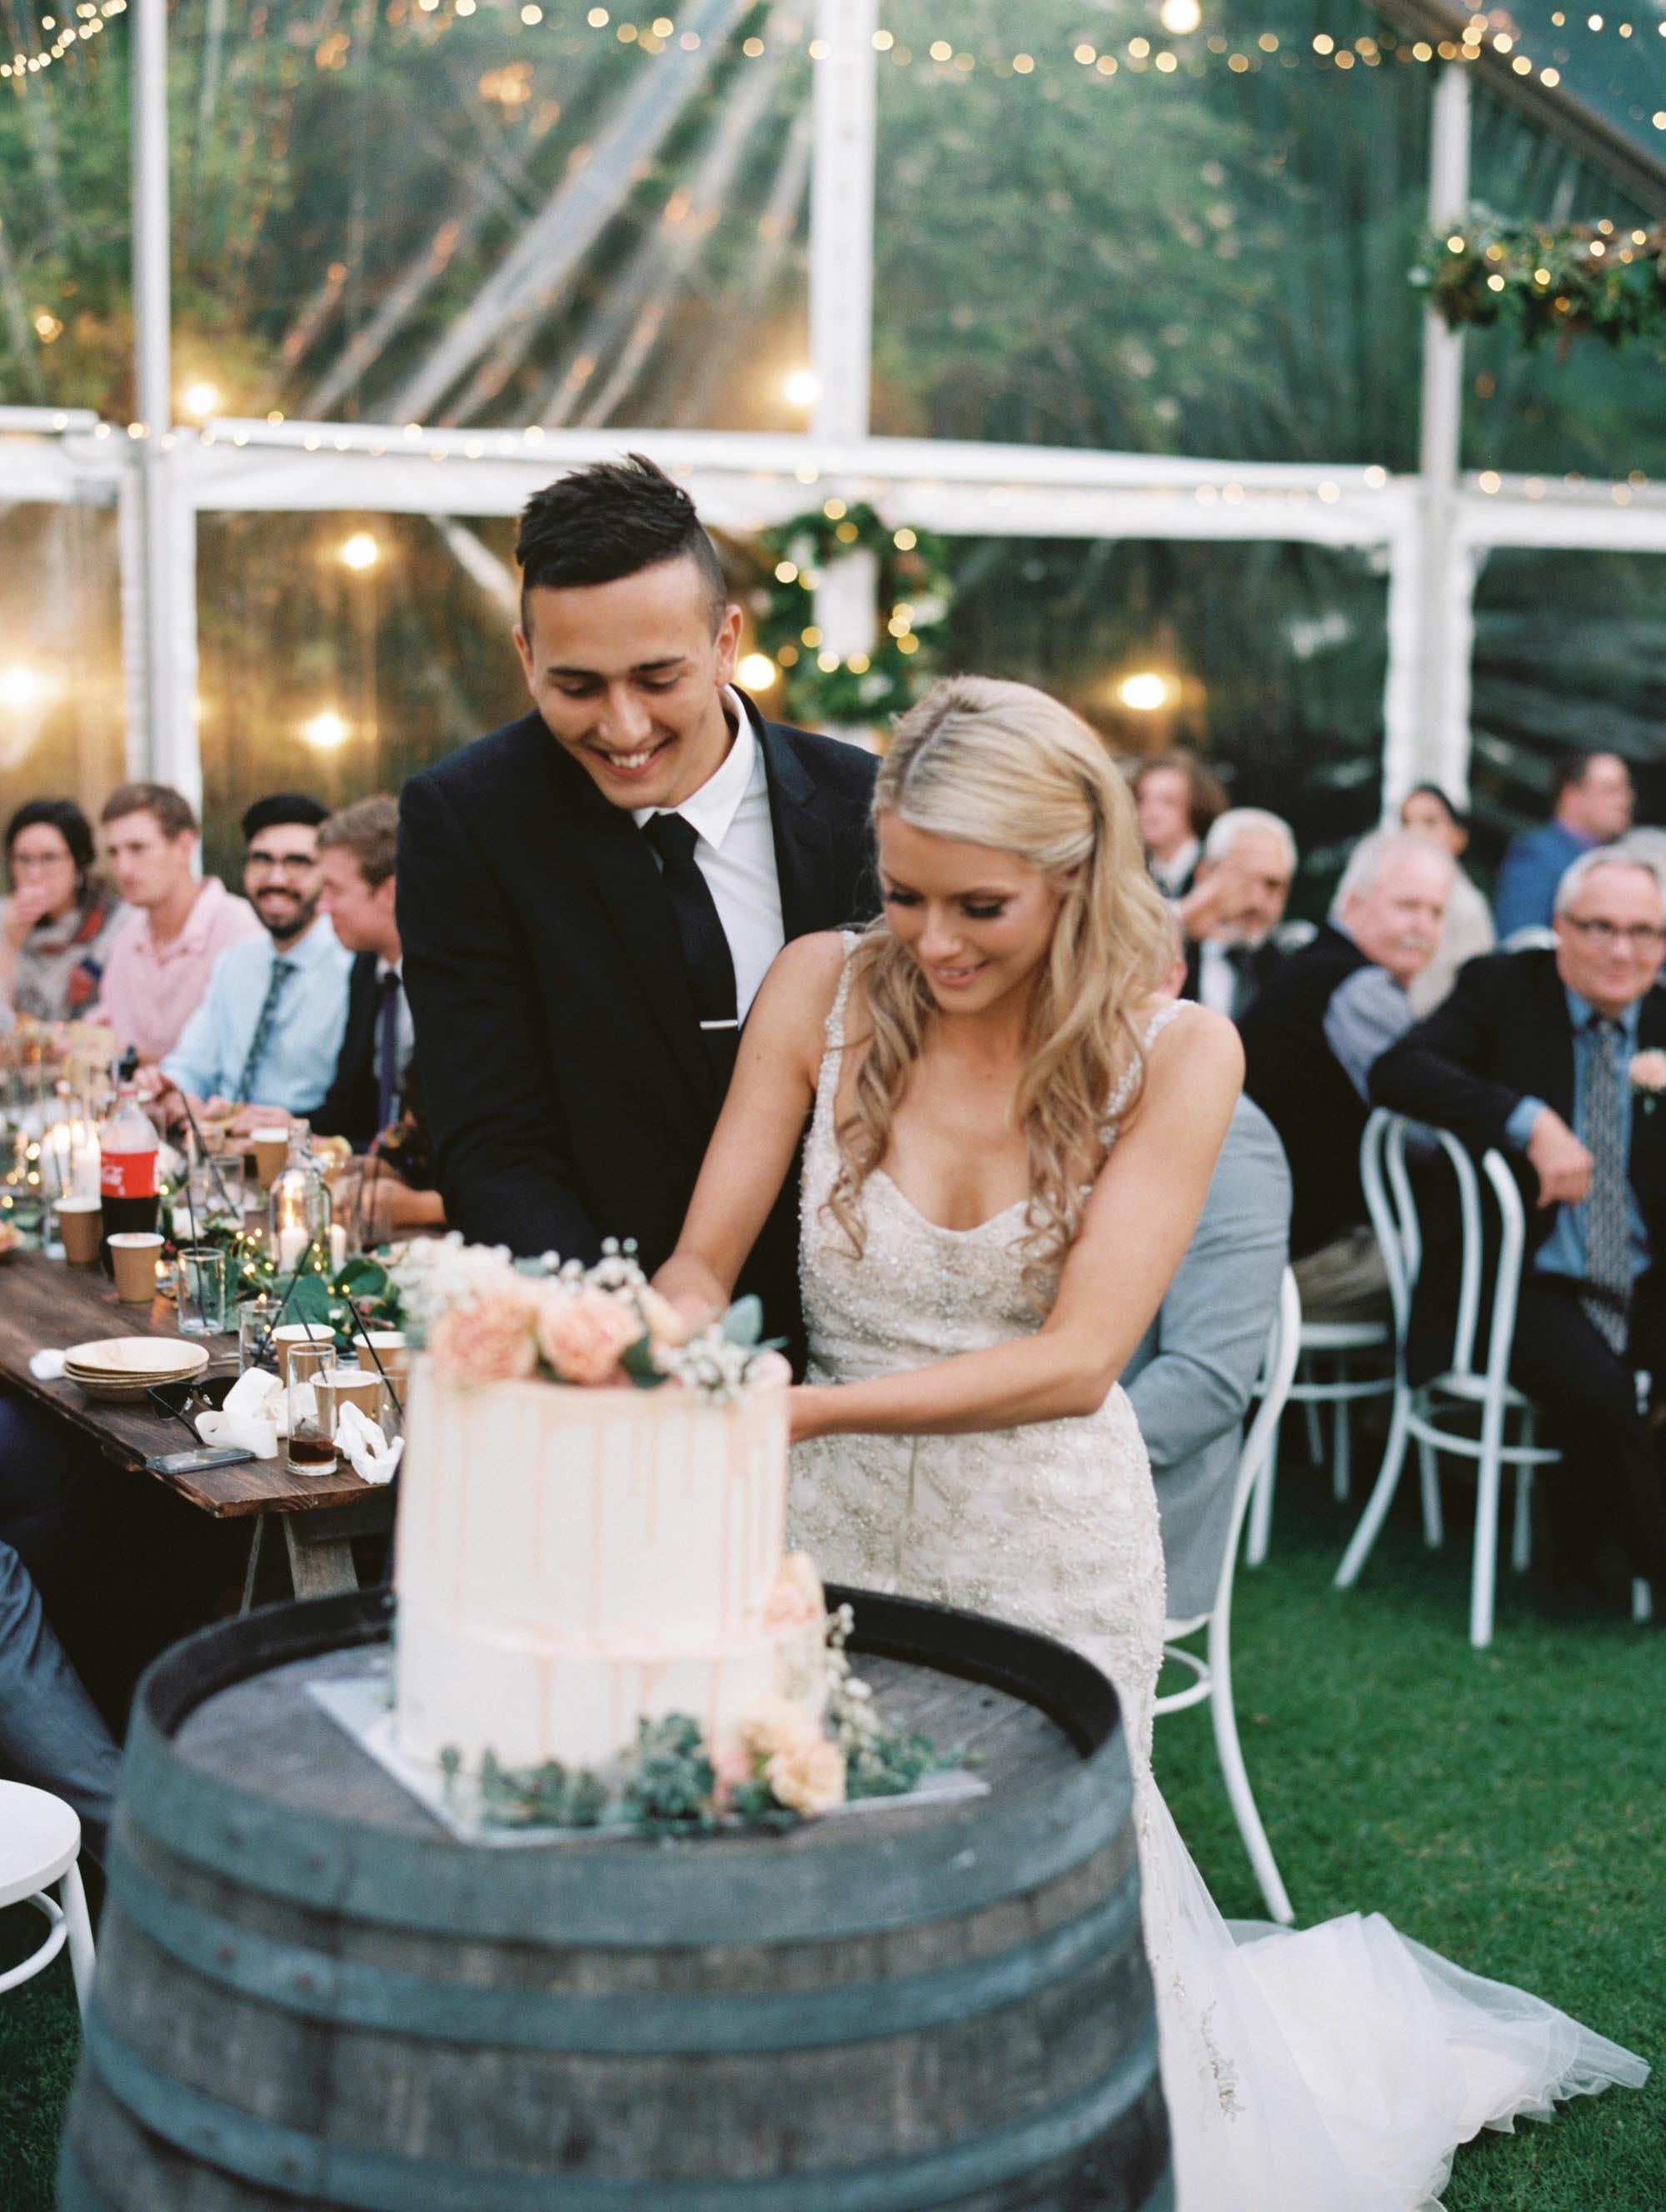 Whitehouse-hahndorf-wedding-photography-106.jpg